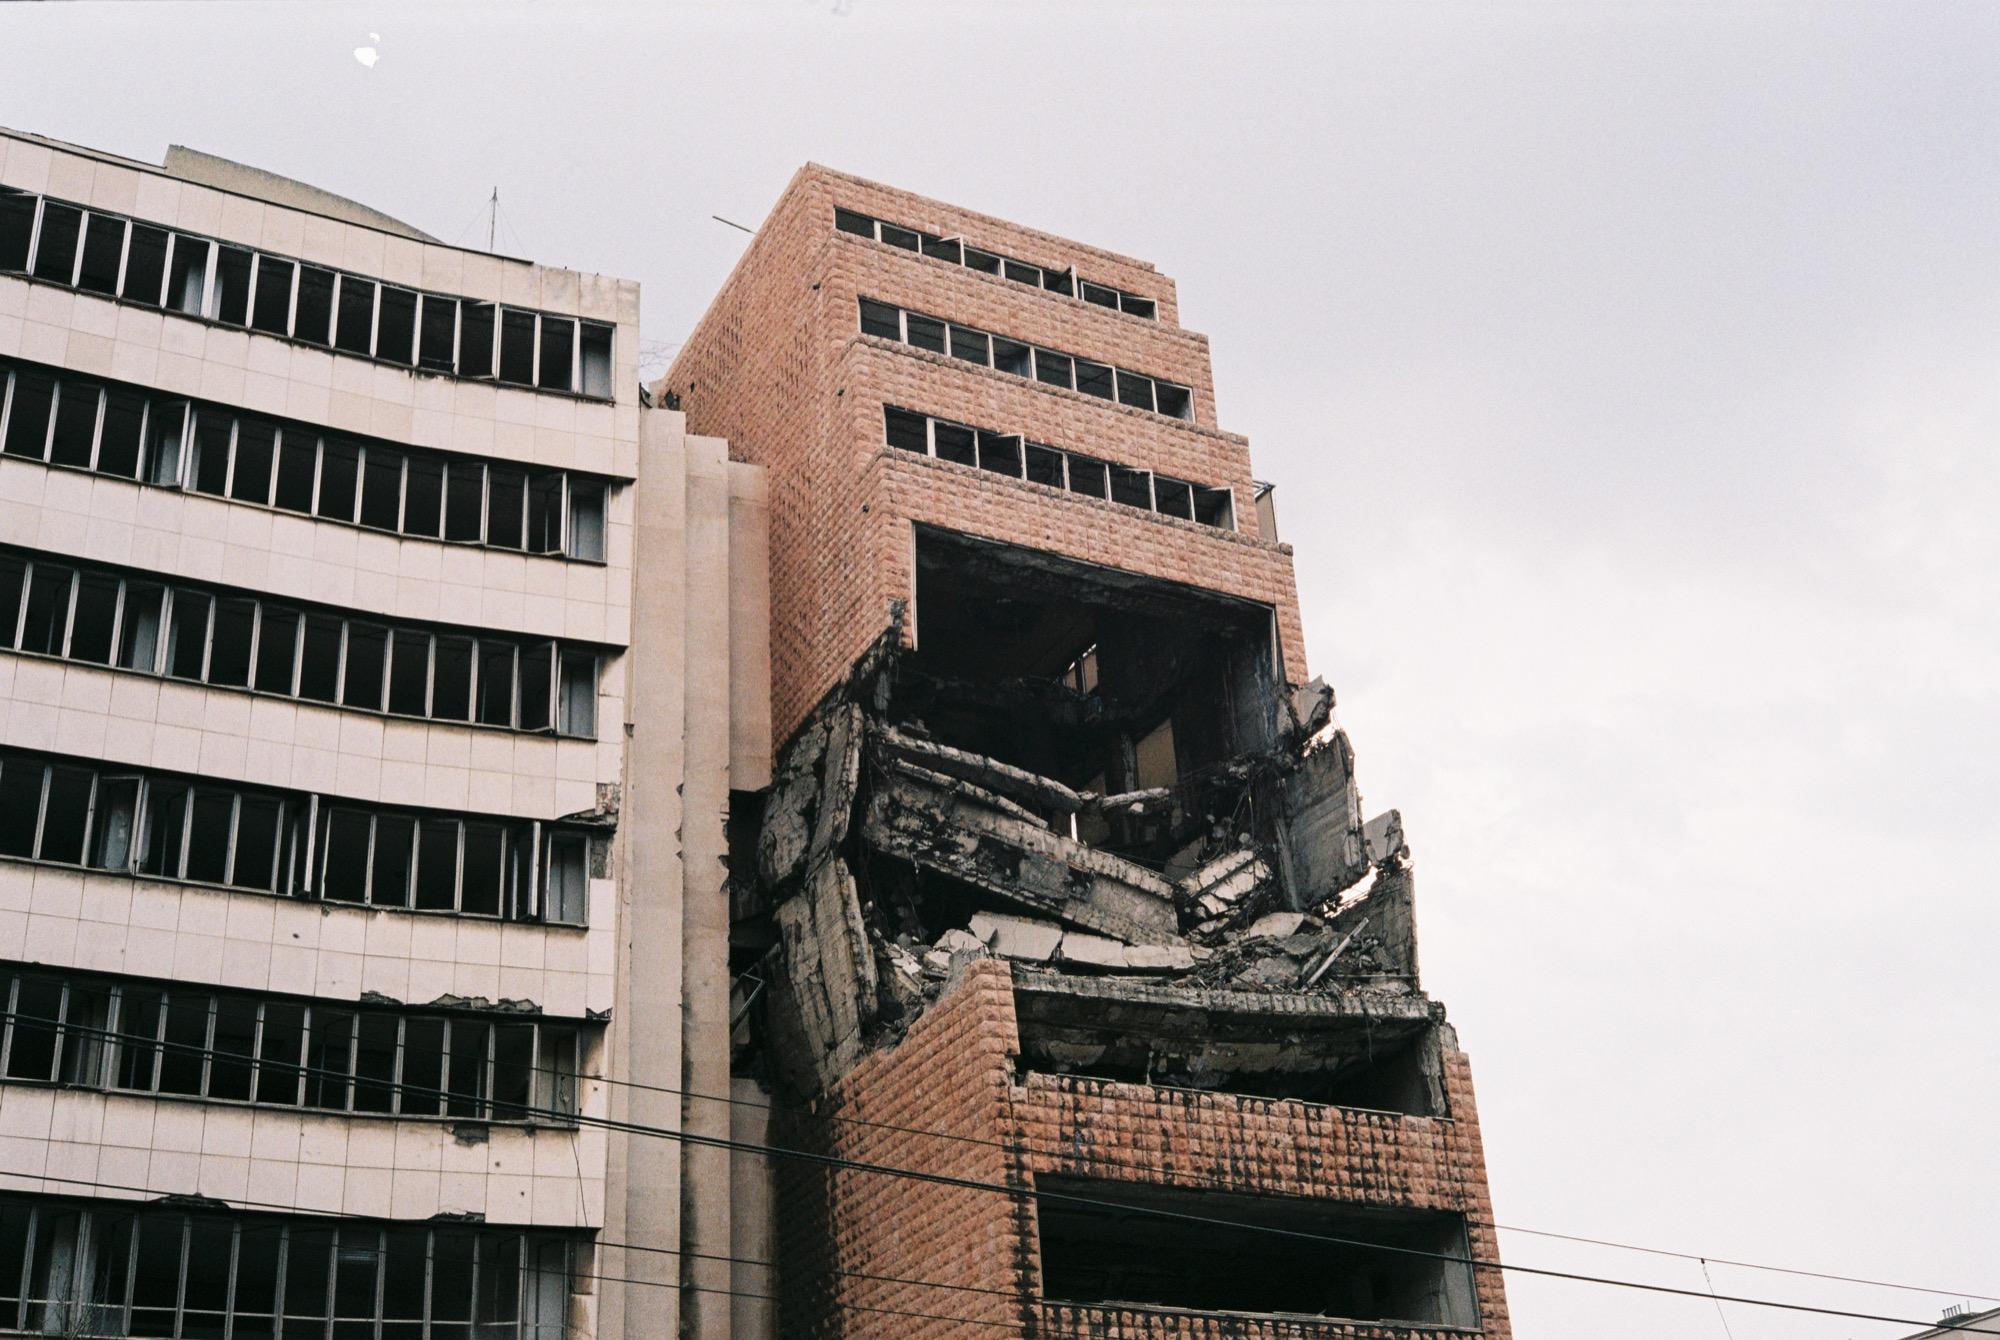 Yugoslav Ministry of Defence Building Still Damaged from 1999 NATO Bombing - Belgrade, Serbia